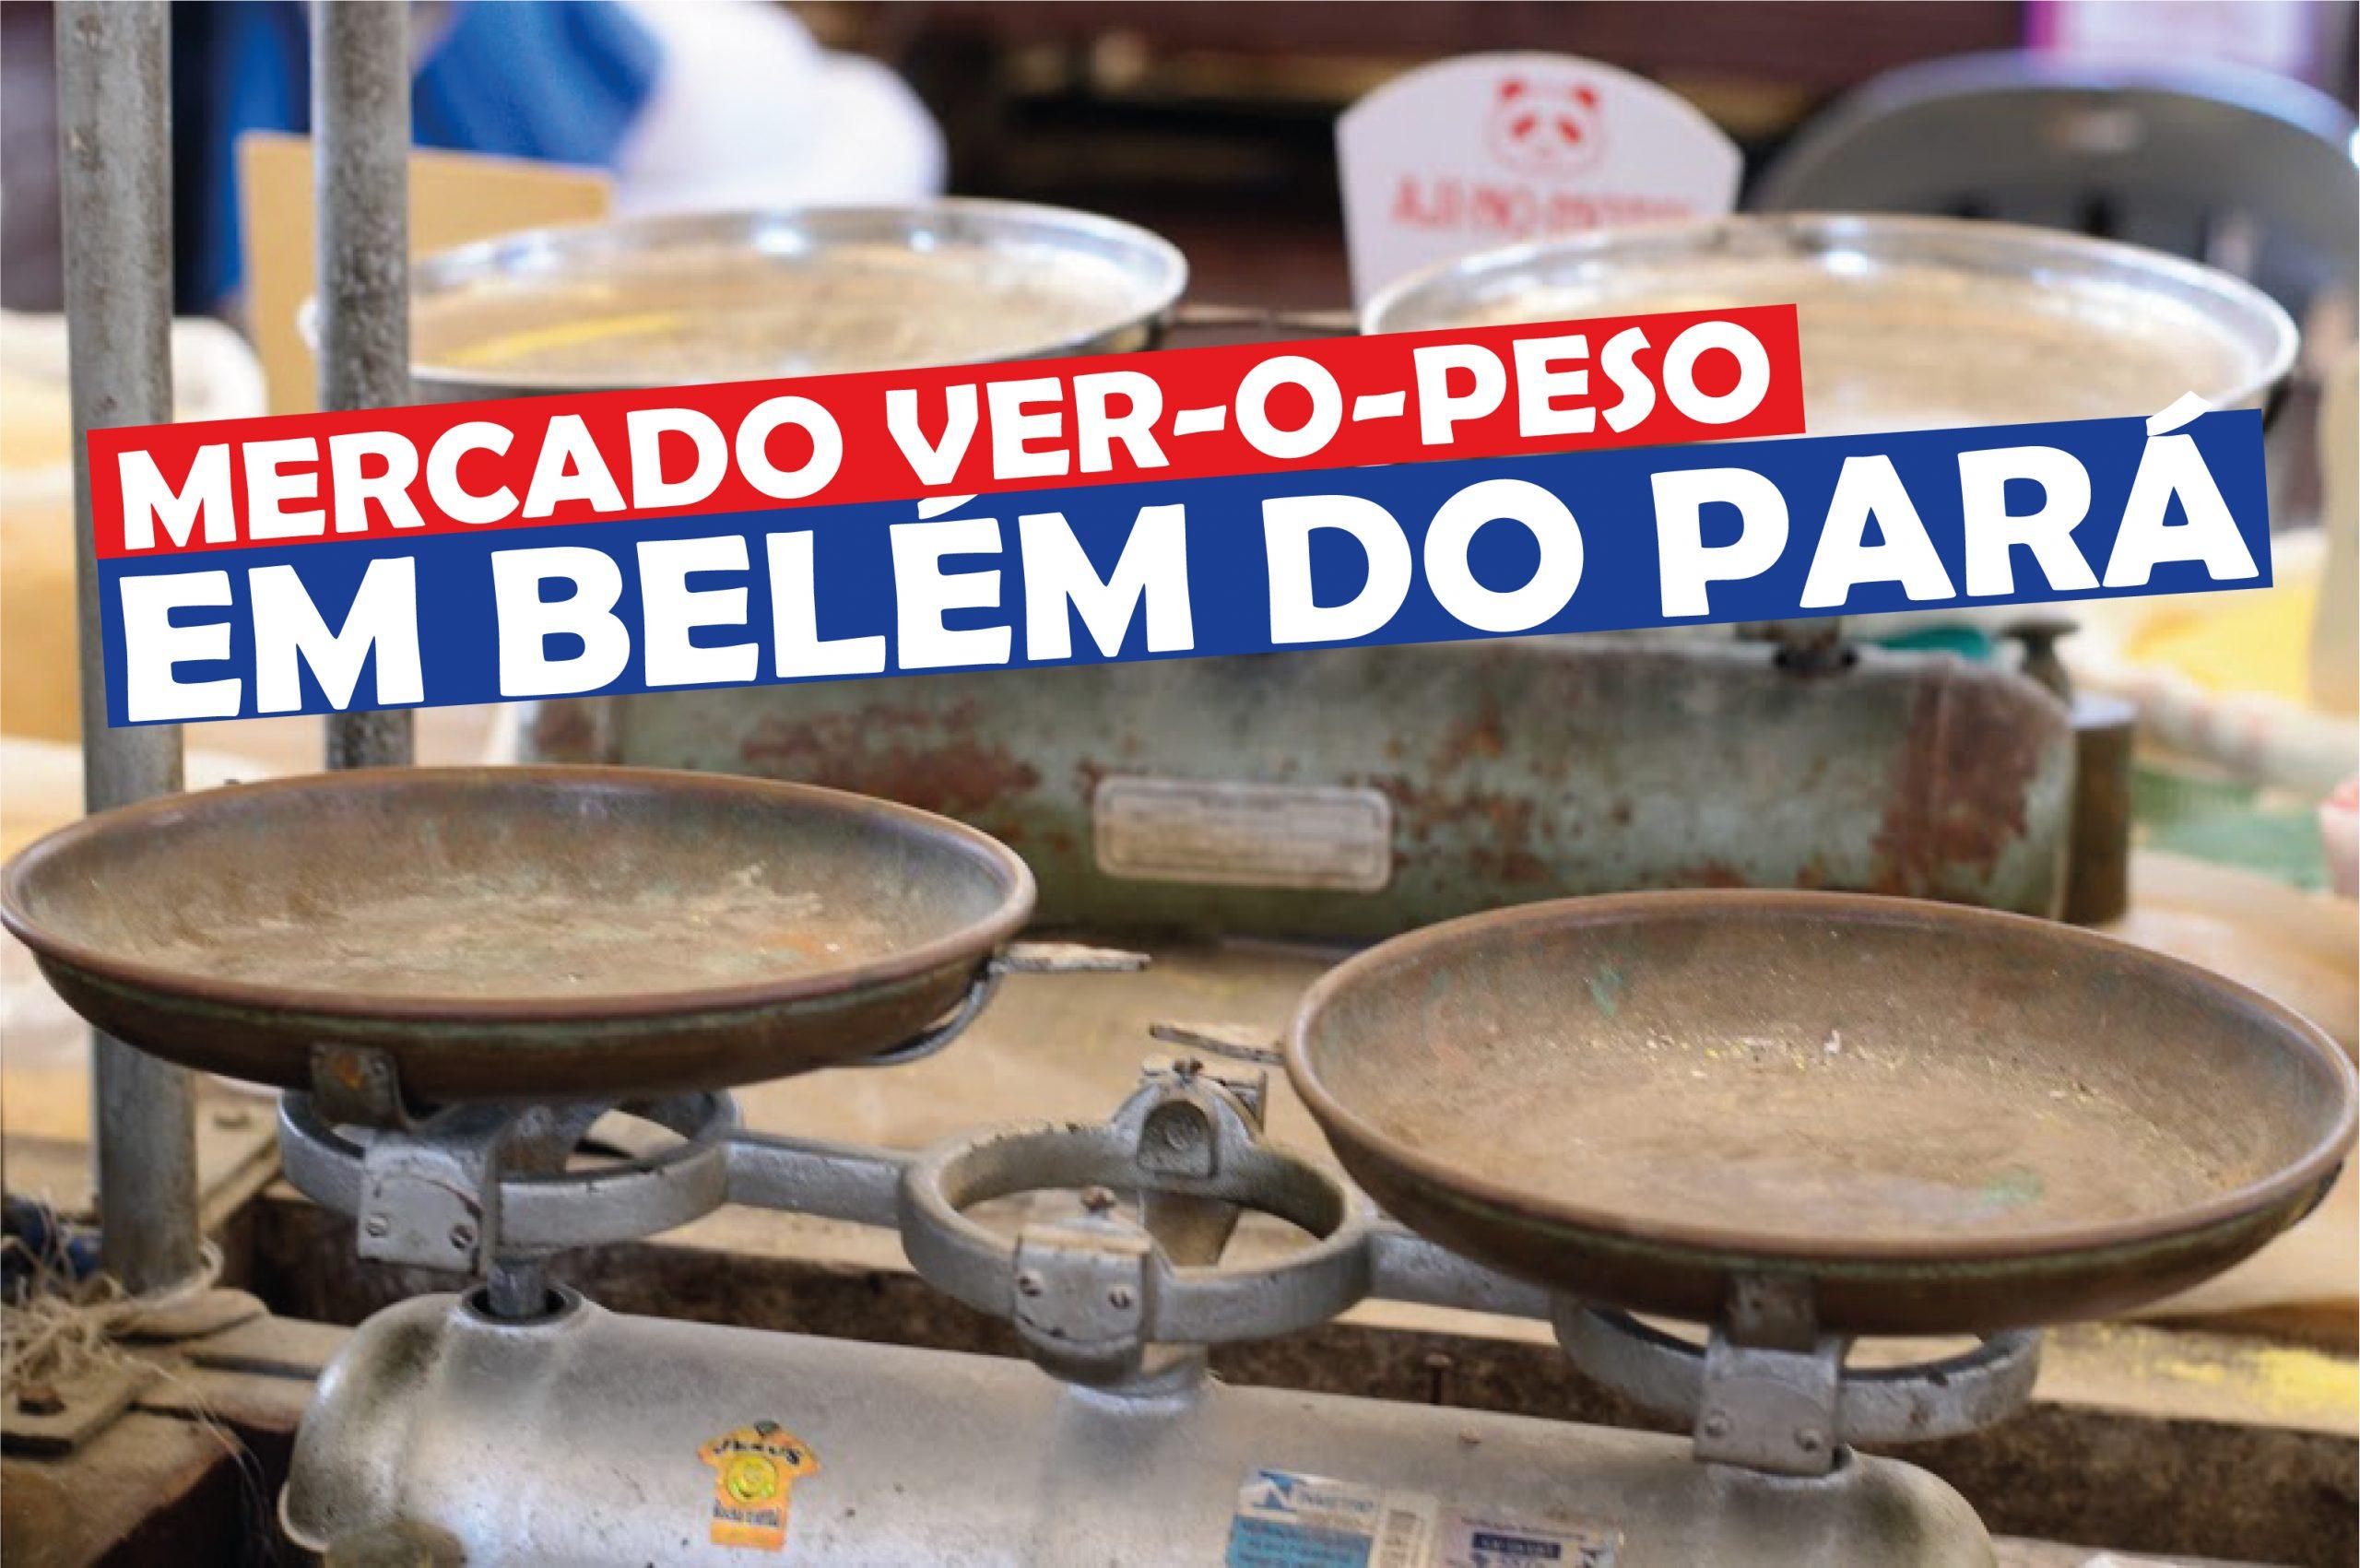 You are currently viewing Mercado Ver-o-Peso em Belém do Pará